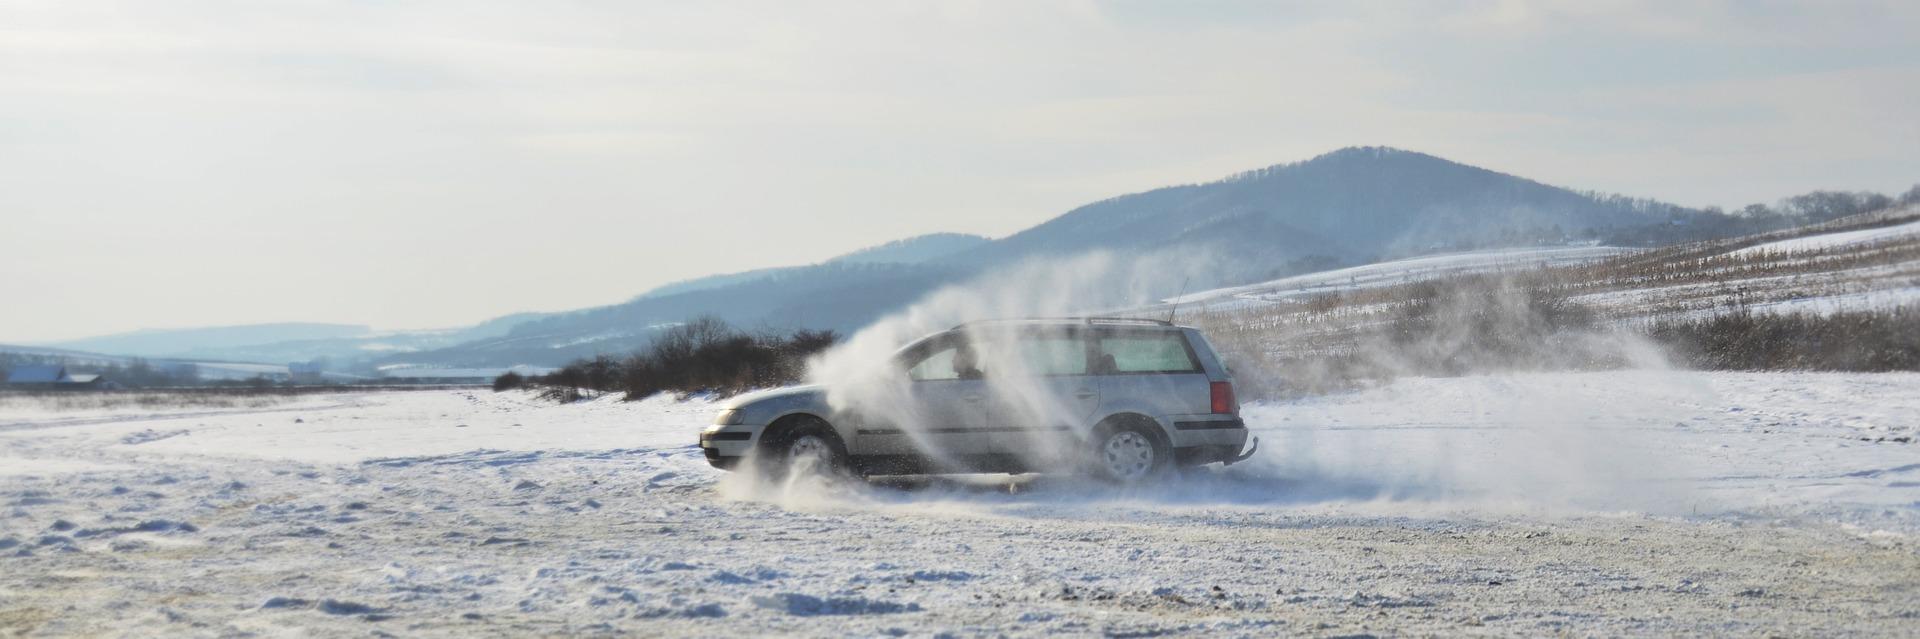 新型スイフトスポーツの雪道走行は滑るって本当?滑りにくい走り方のコツはあるの?